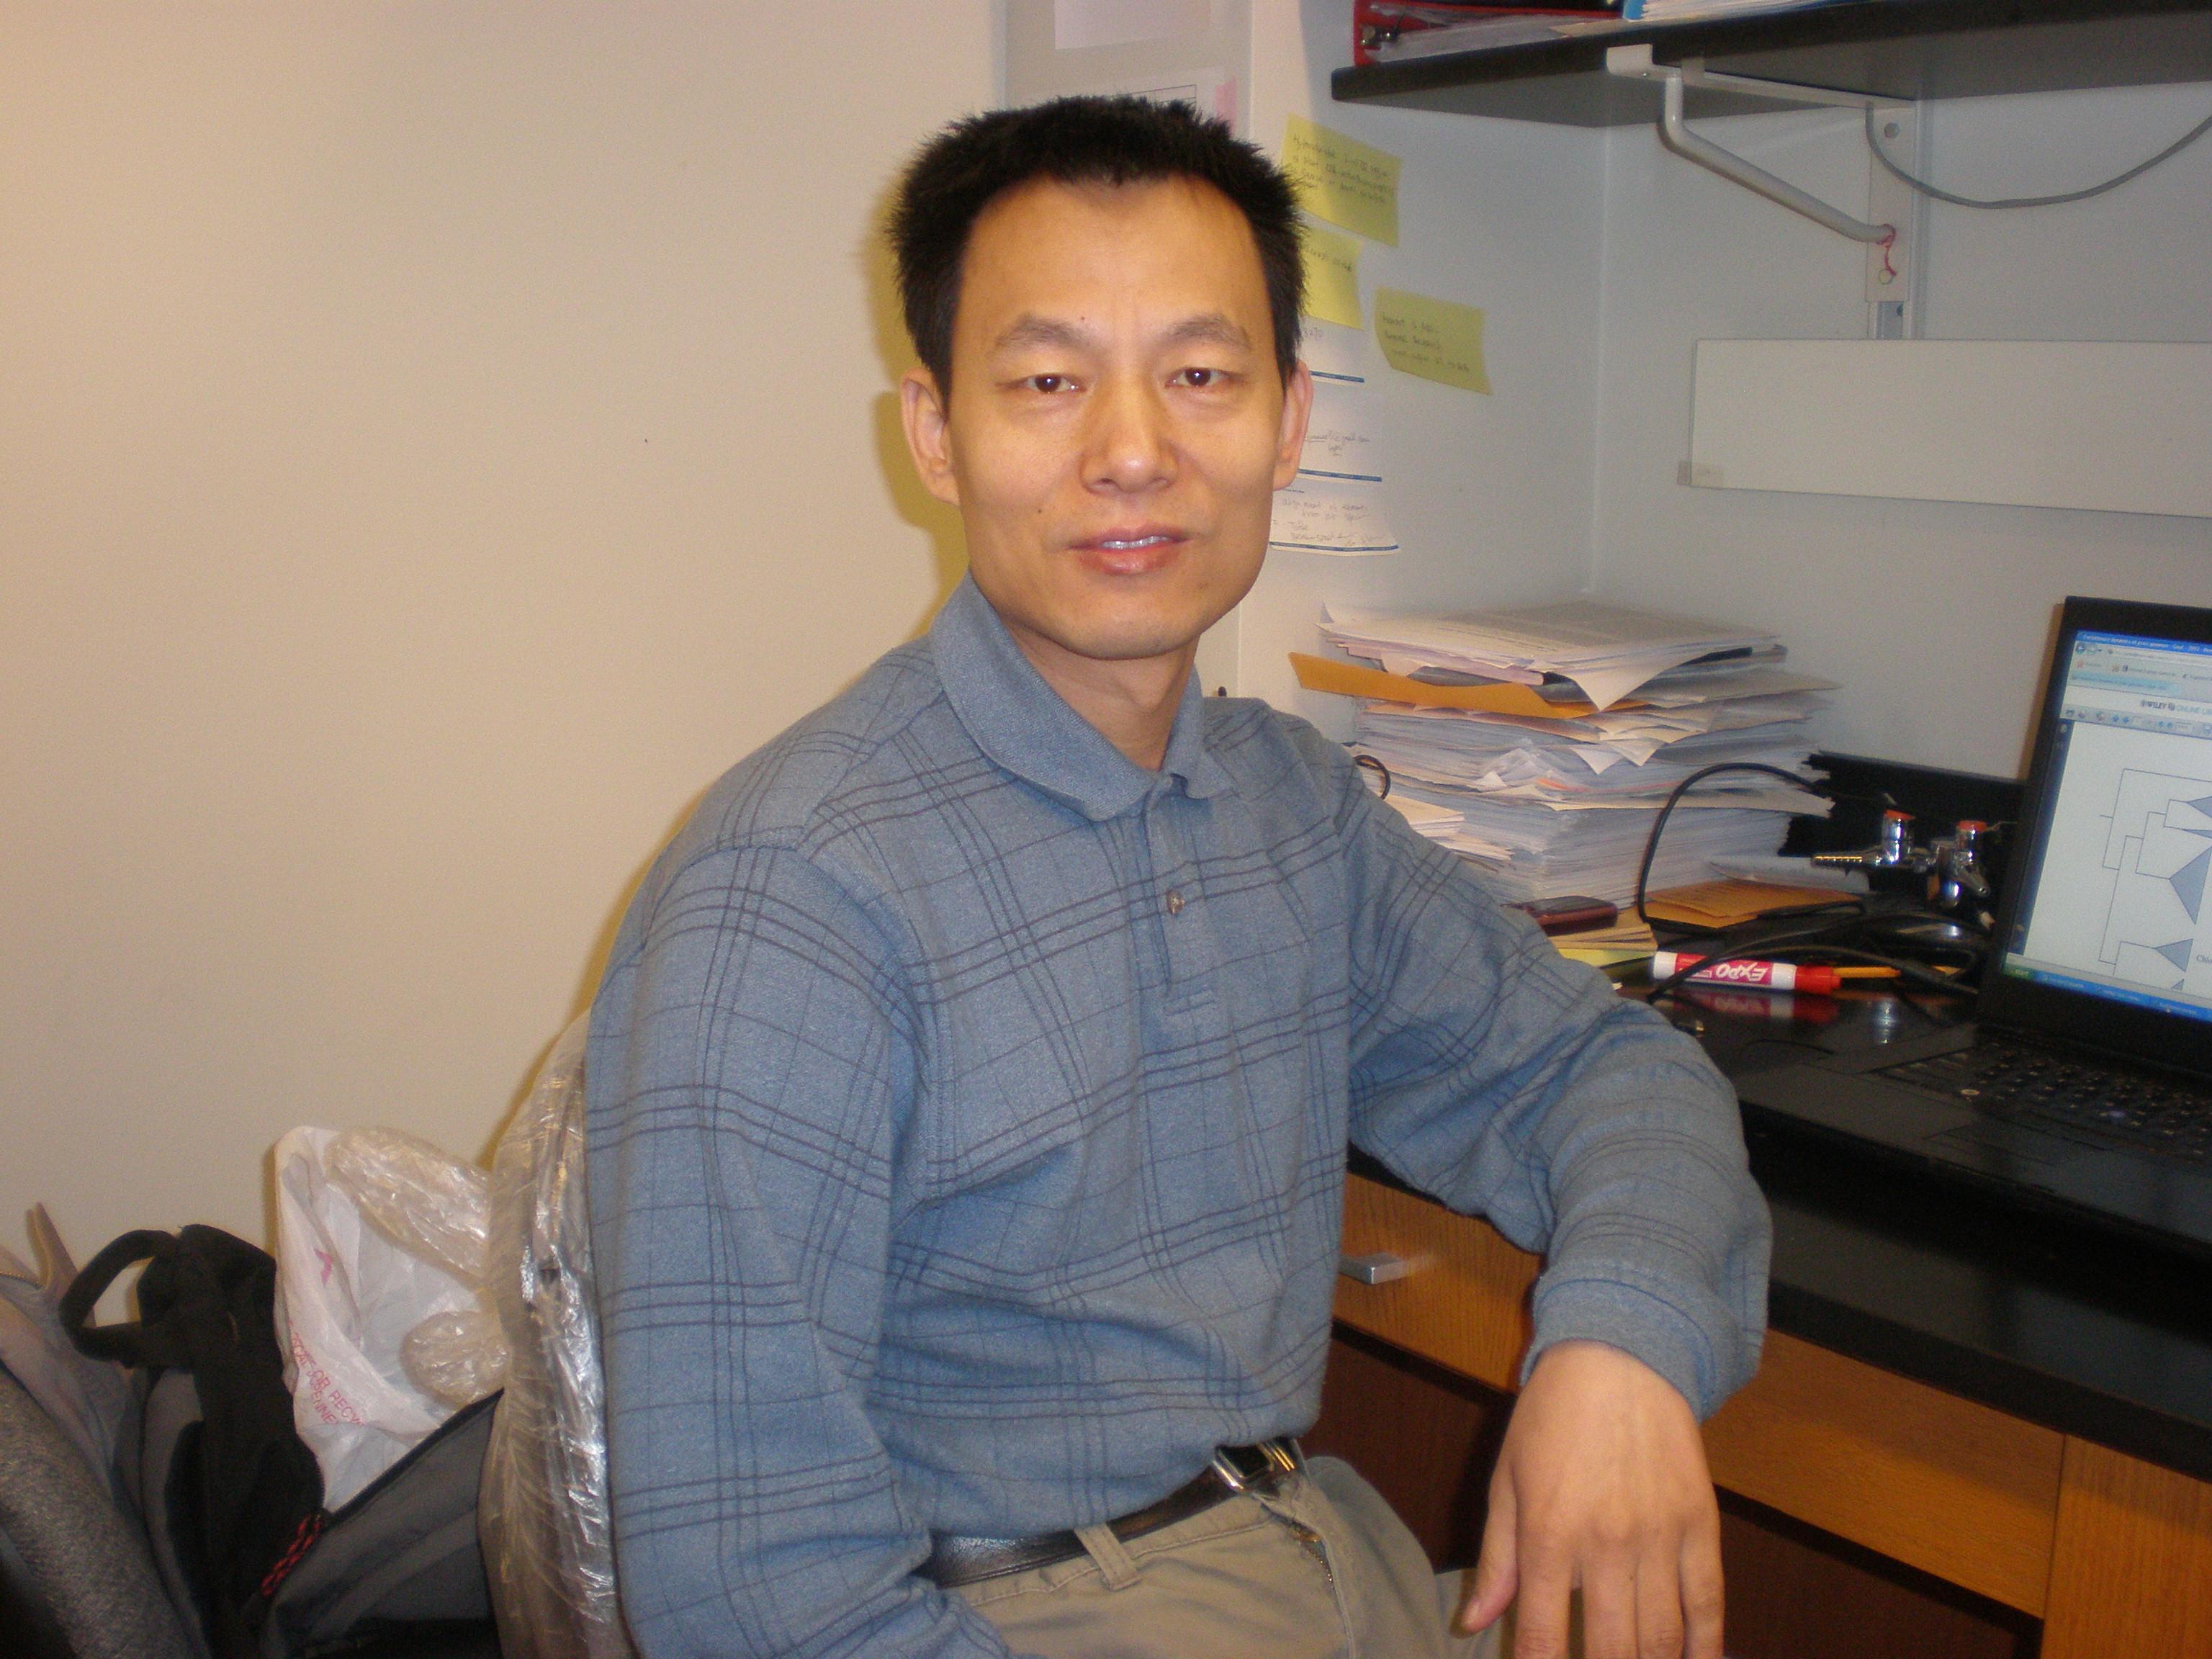 Dongying Gao